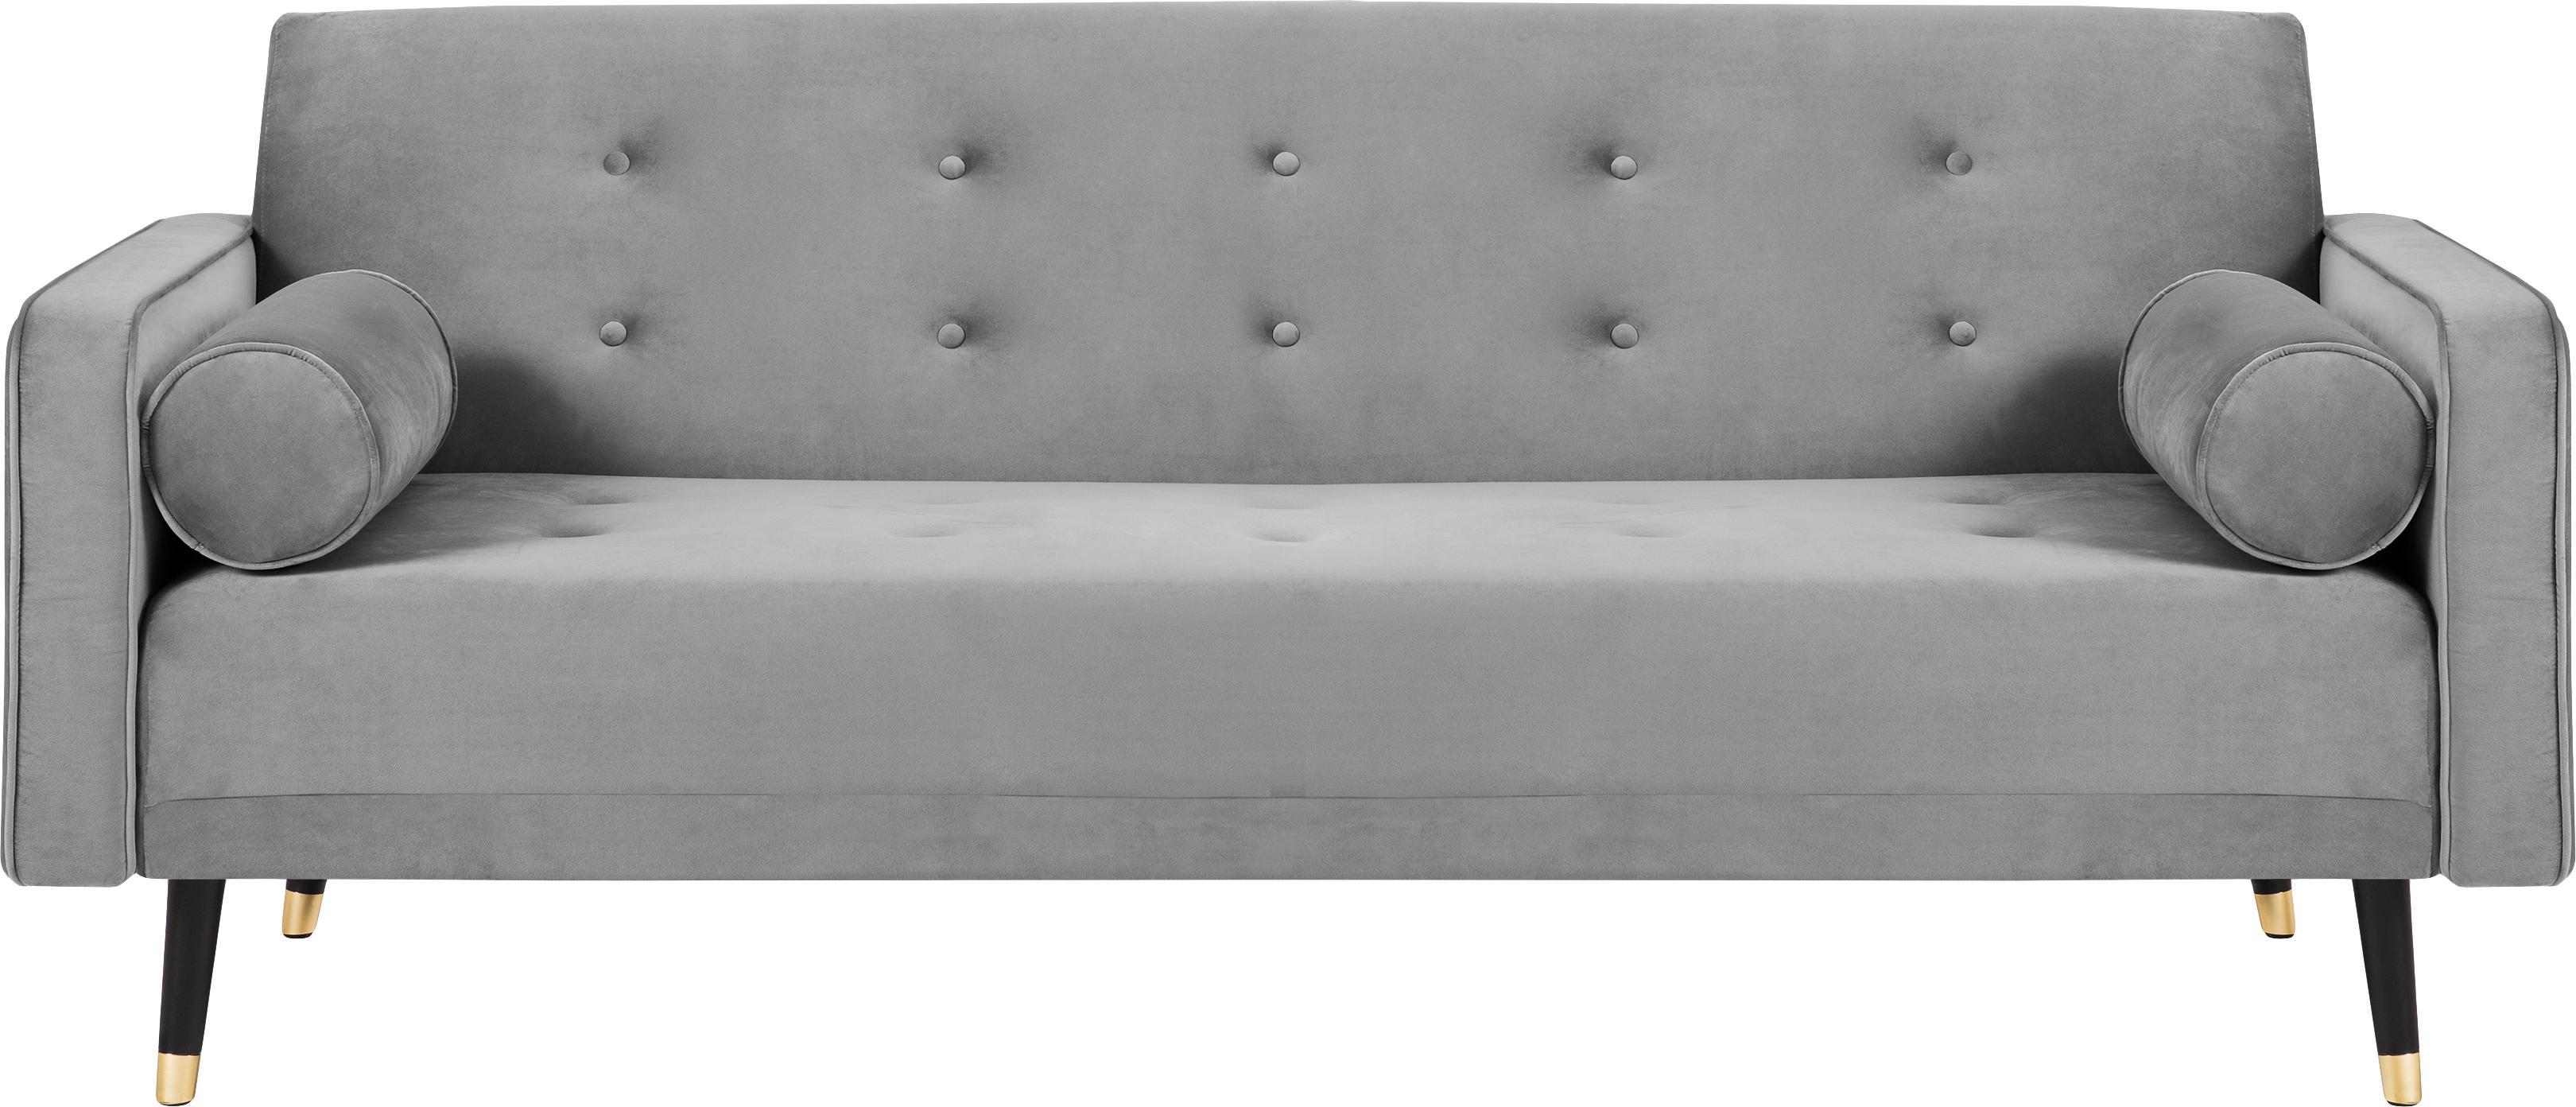 Sofá cama de terciopelo Gia (3plazas), Tapizado: terciopelo de poliéster, Estructura: madera de pino maciza, Patas: madera de haya pintada, Gris claro, An 212 x F 93 cm